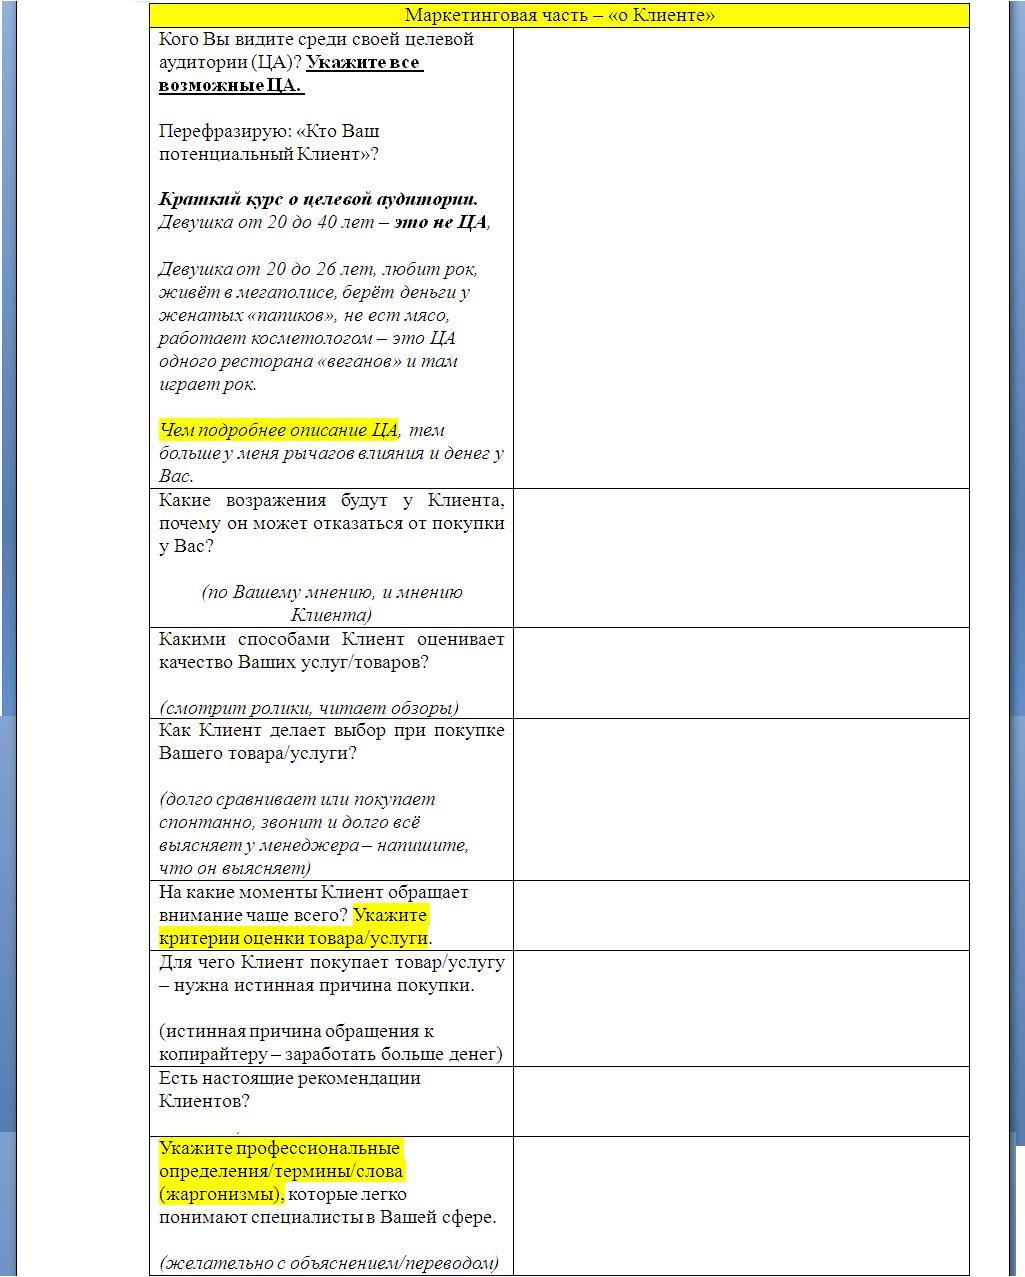 Скачать пример брифа копирайтера